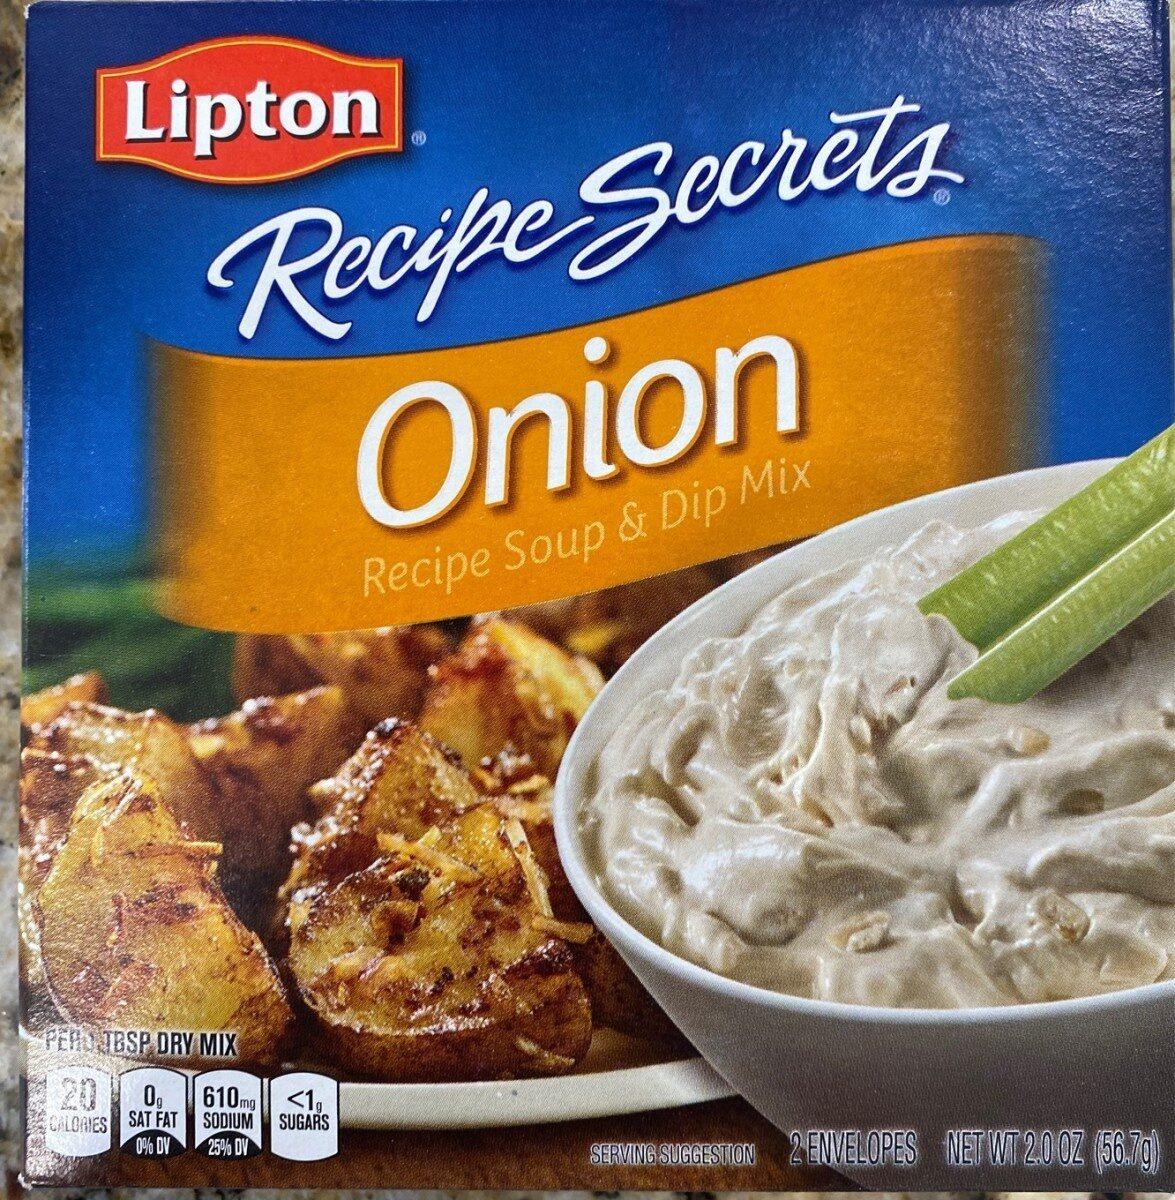 Onion recipe soup & dip mix - Product - en